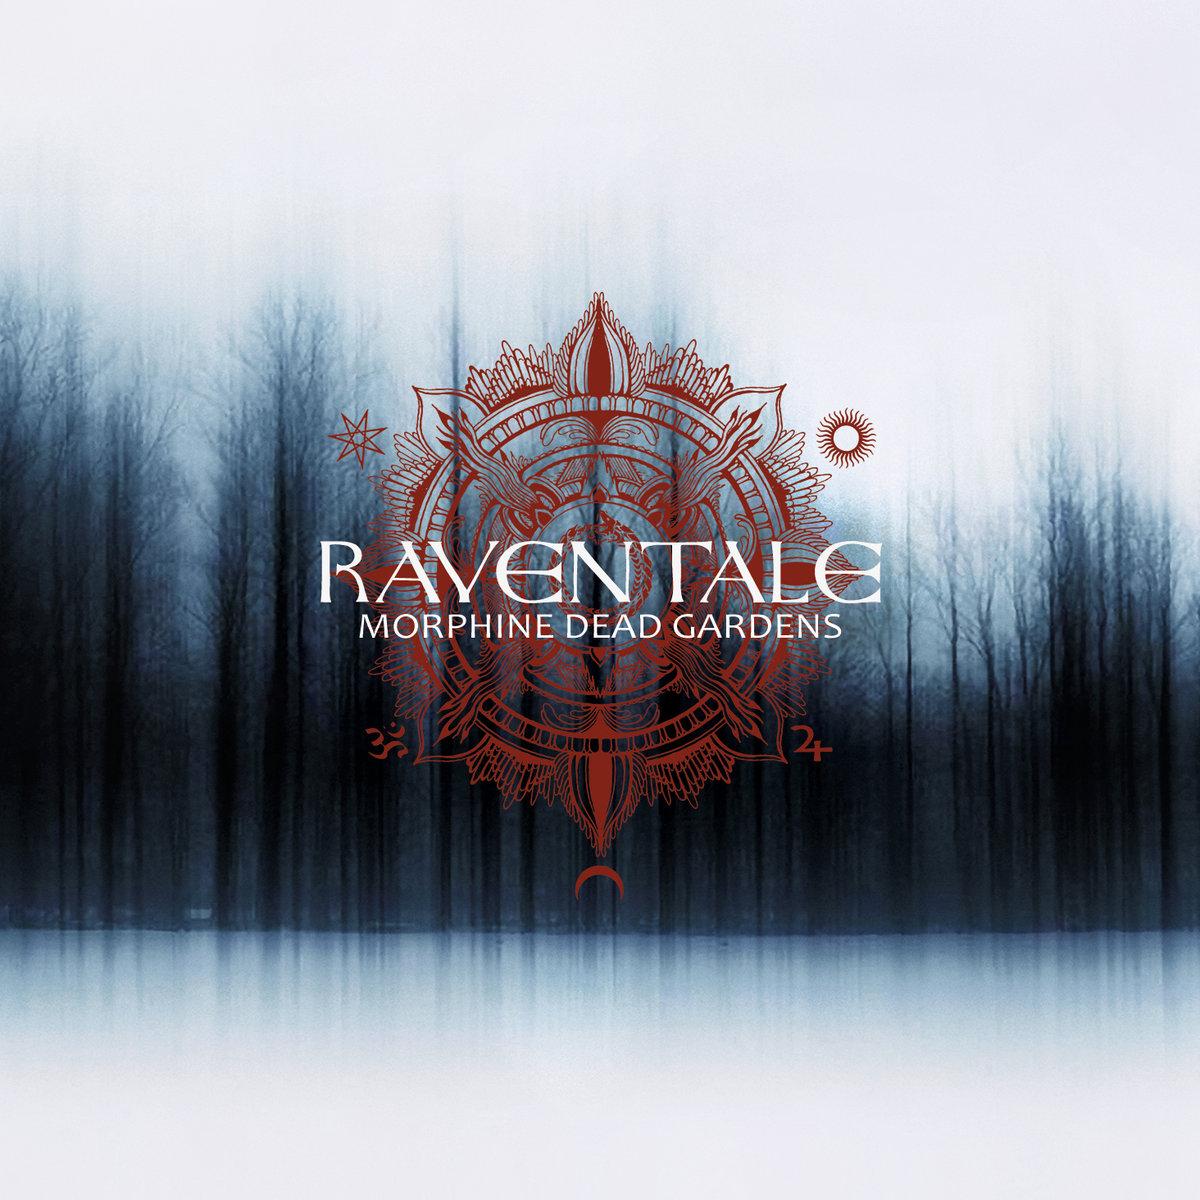 Raventale - Morphine Dead Gardens